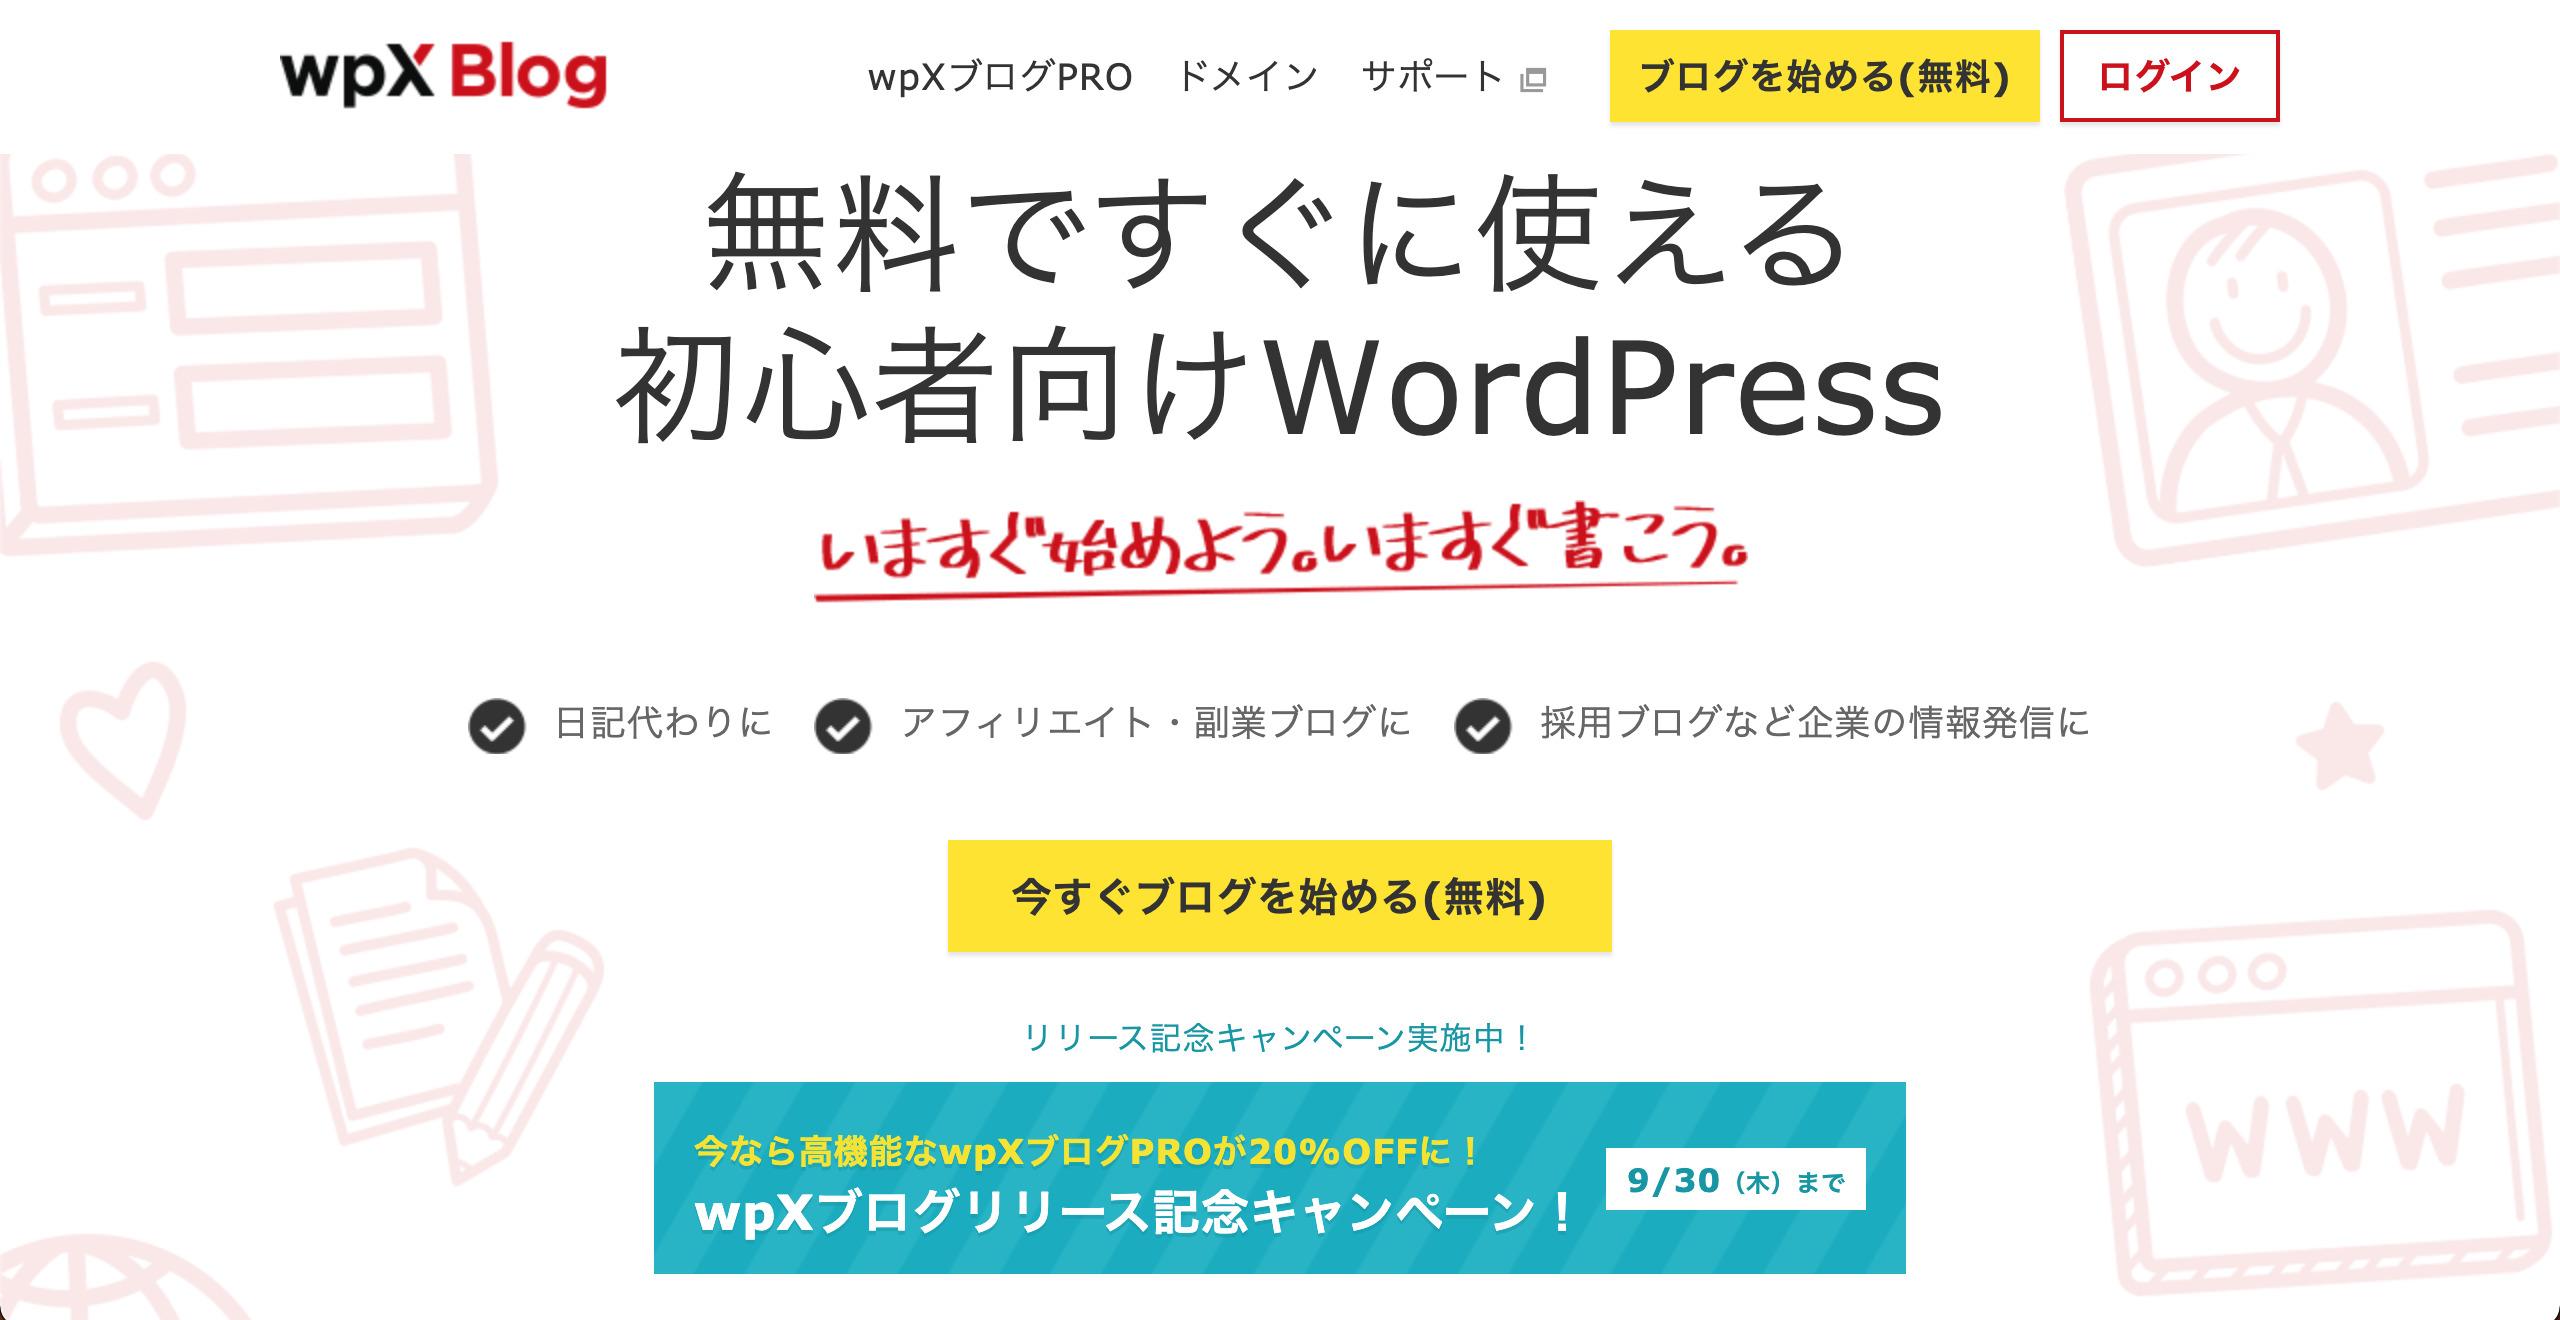 無料ブログ「wpX Blog」とは?